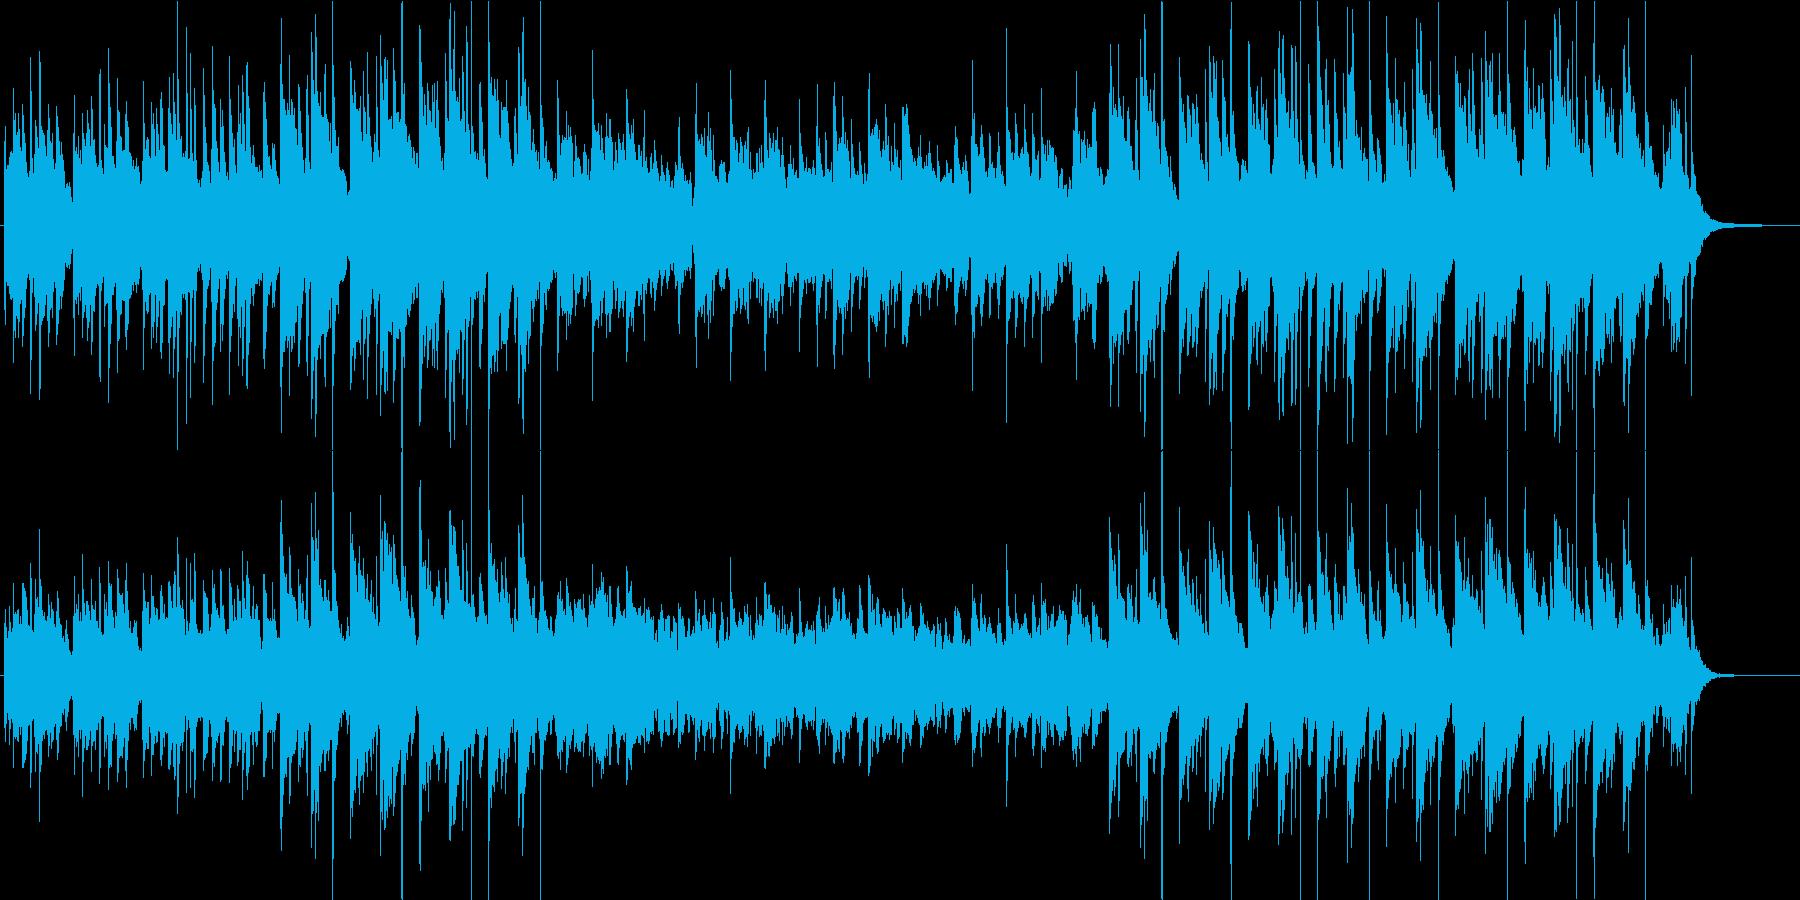 琴と篠笛でスタイリッシュに編曲したBGMの再生済みの波形